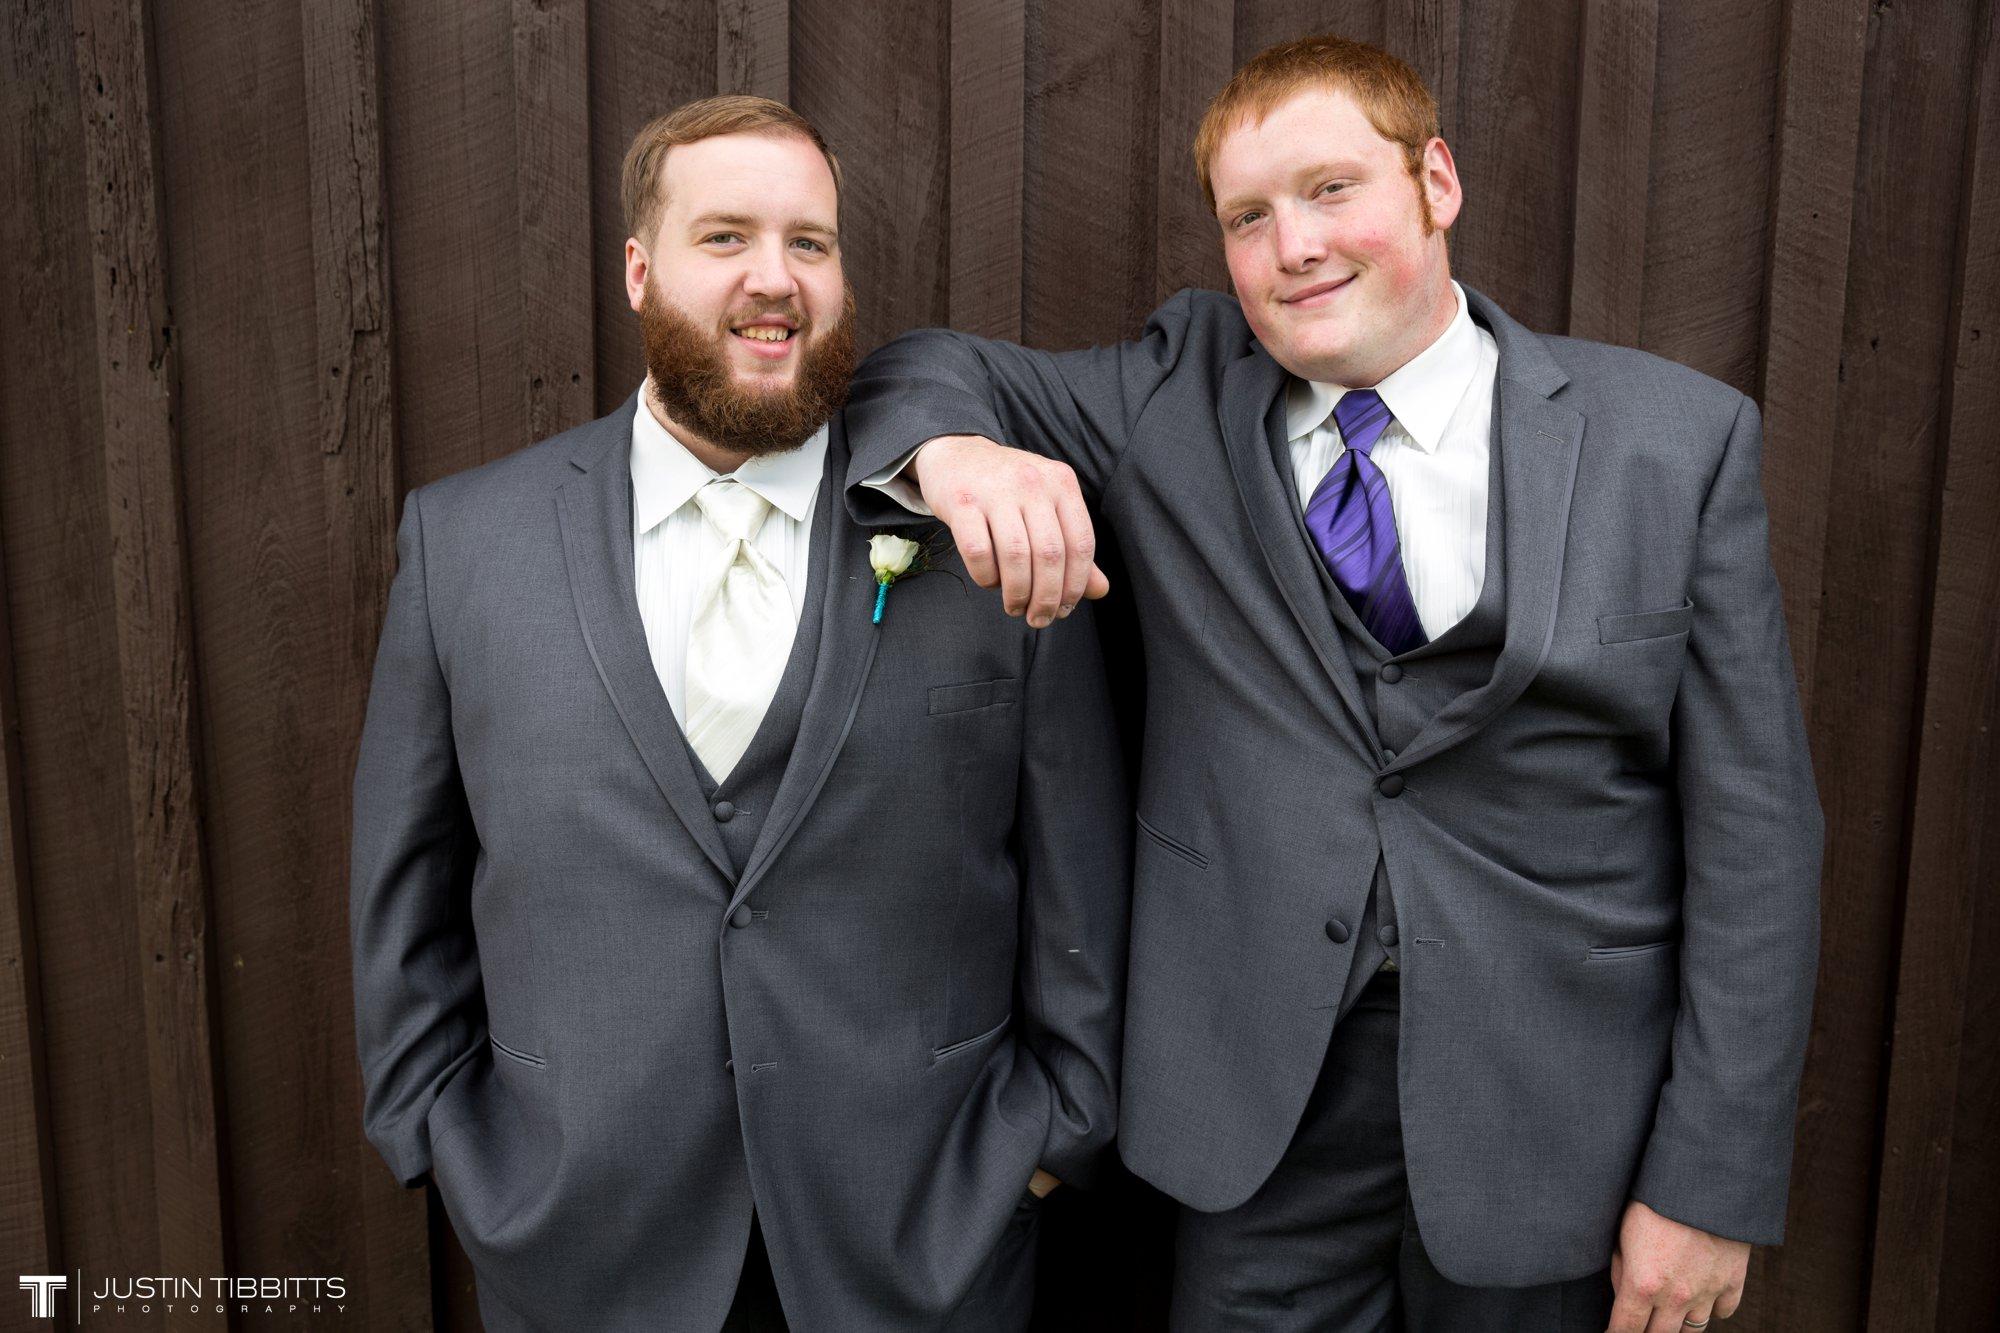 Albany NY Wedding Photographer Justin Tibbitts Photography 2014 Best of Albany NY Weddings-135612